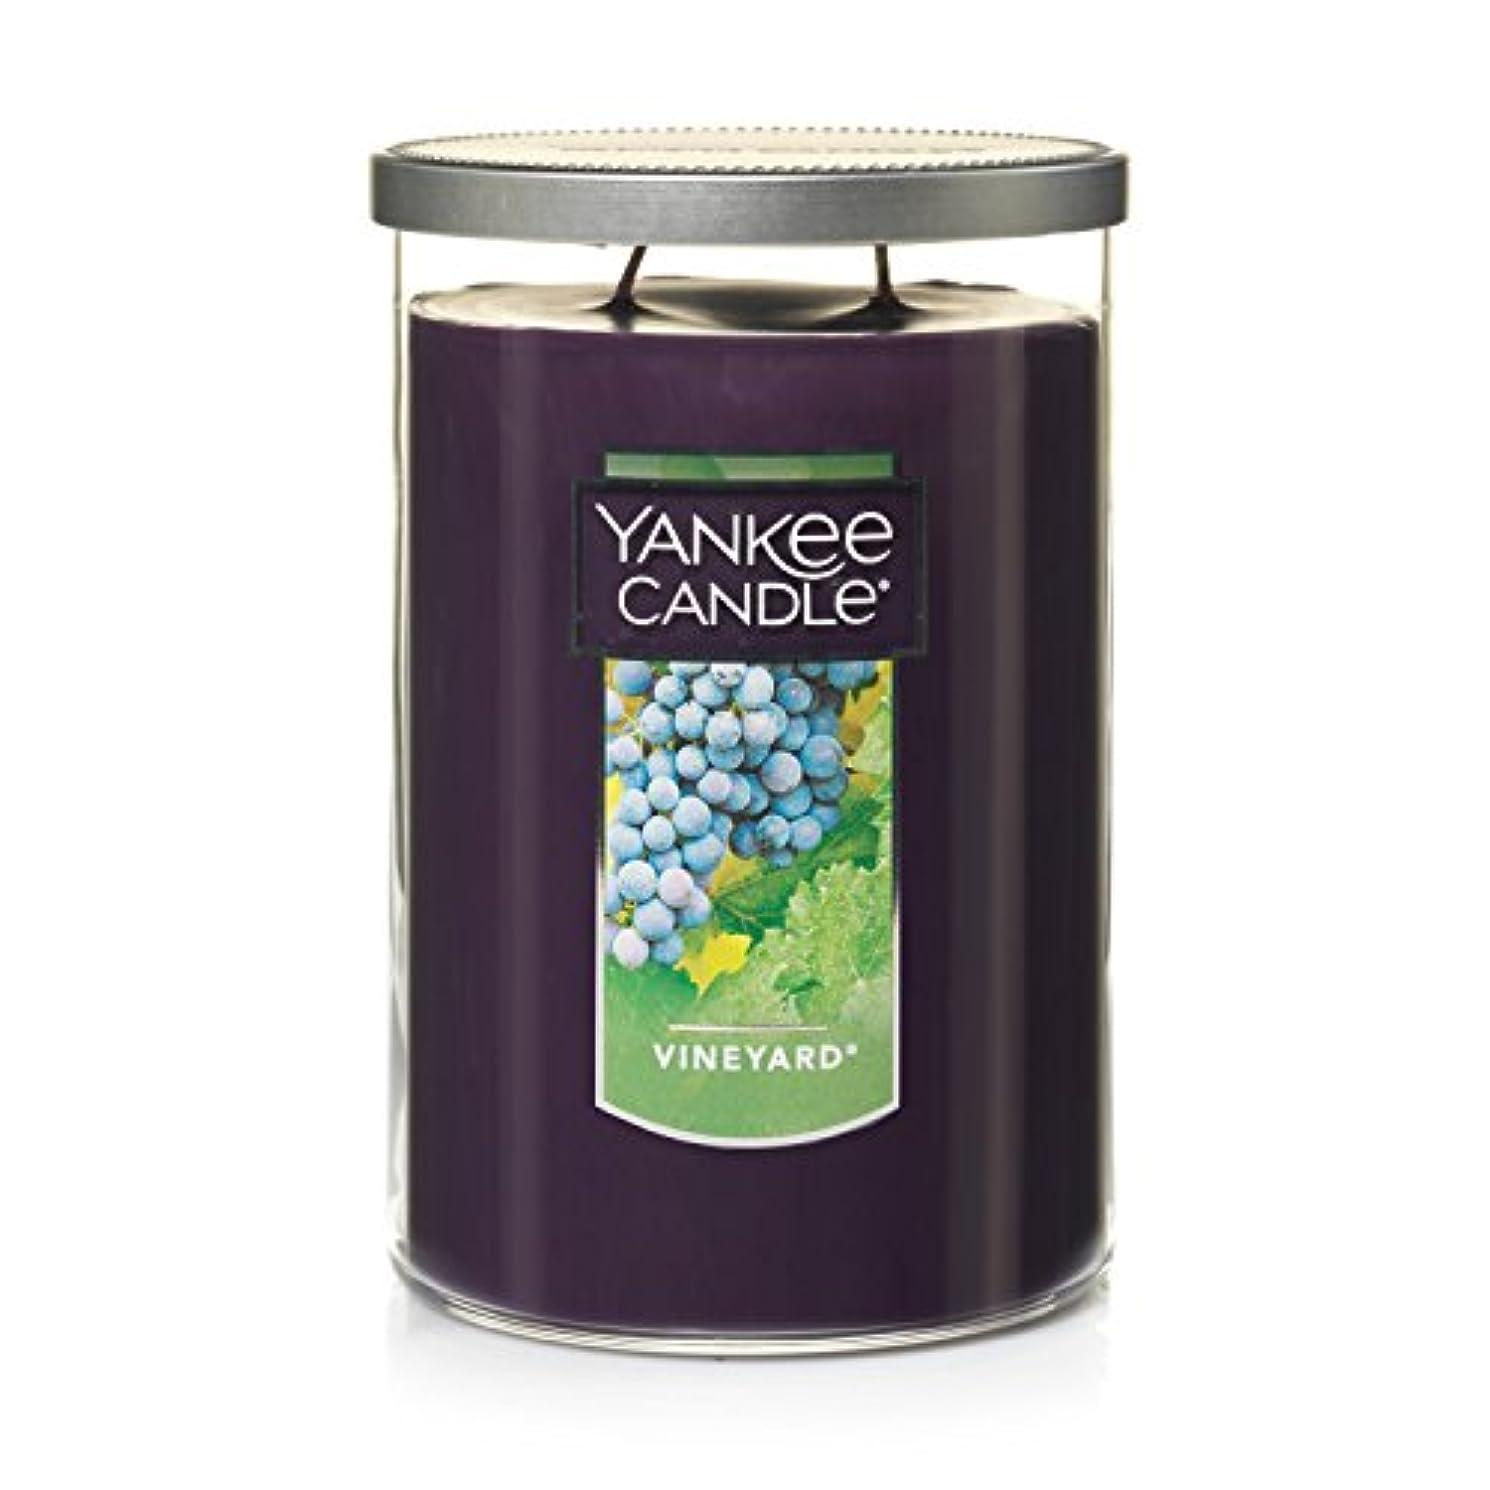 チューブ聴覚障害者墓Yankee Candle Vineyard、フルーツ香り Large Tumbler Candles パープル 1184177Z